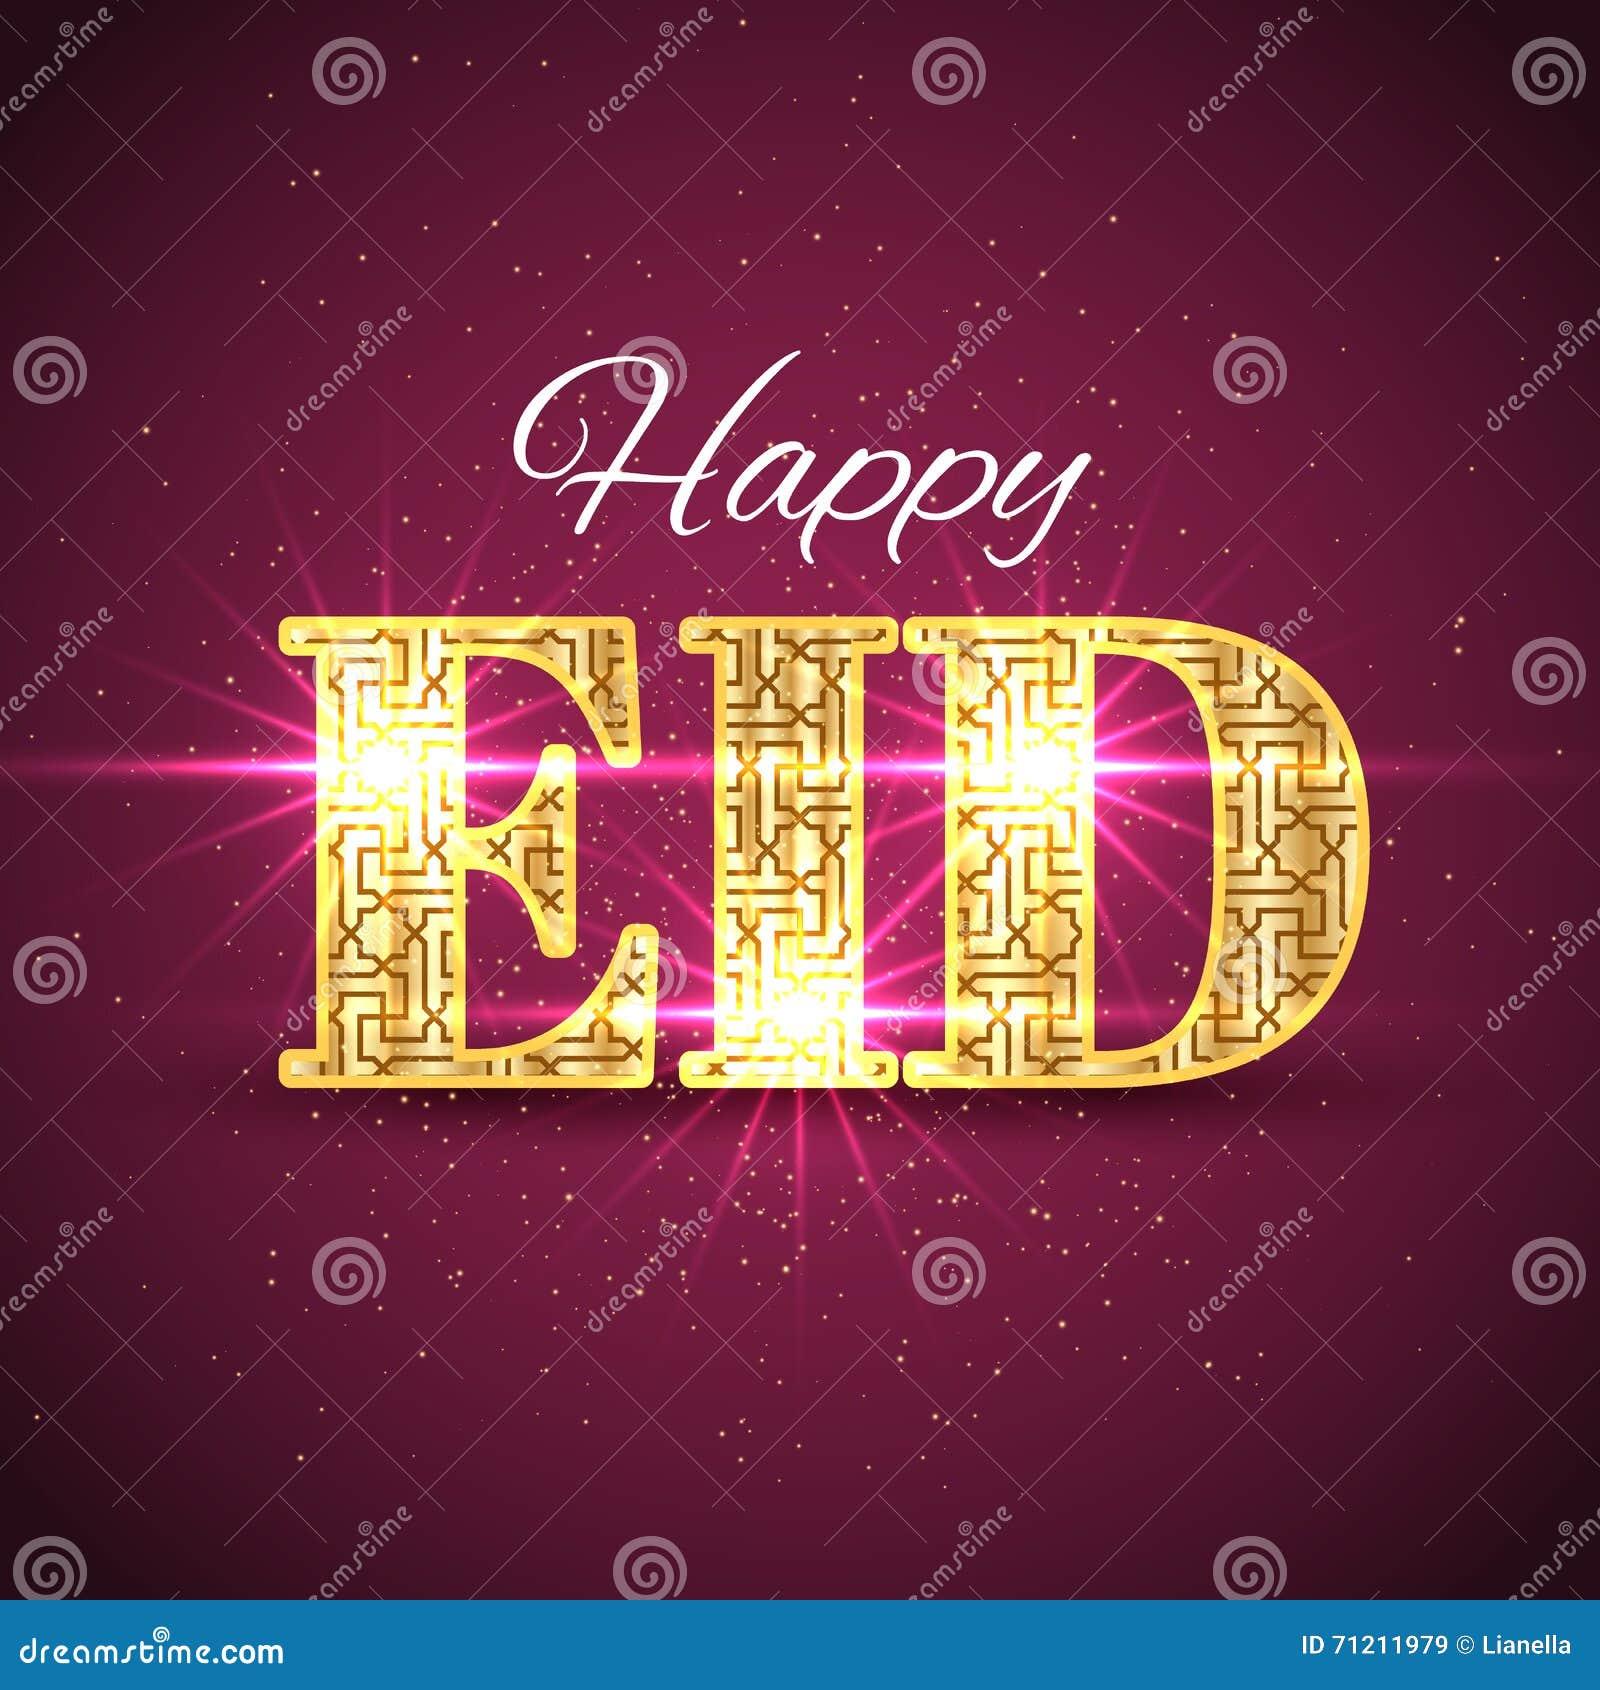 happy eid pictures